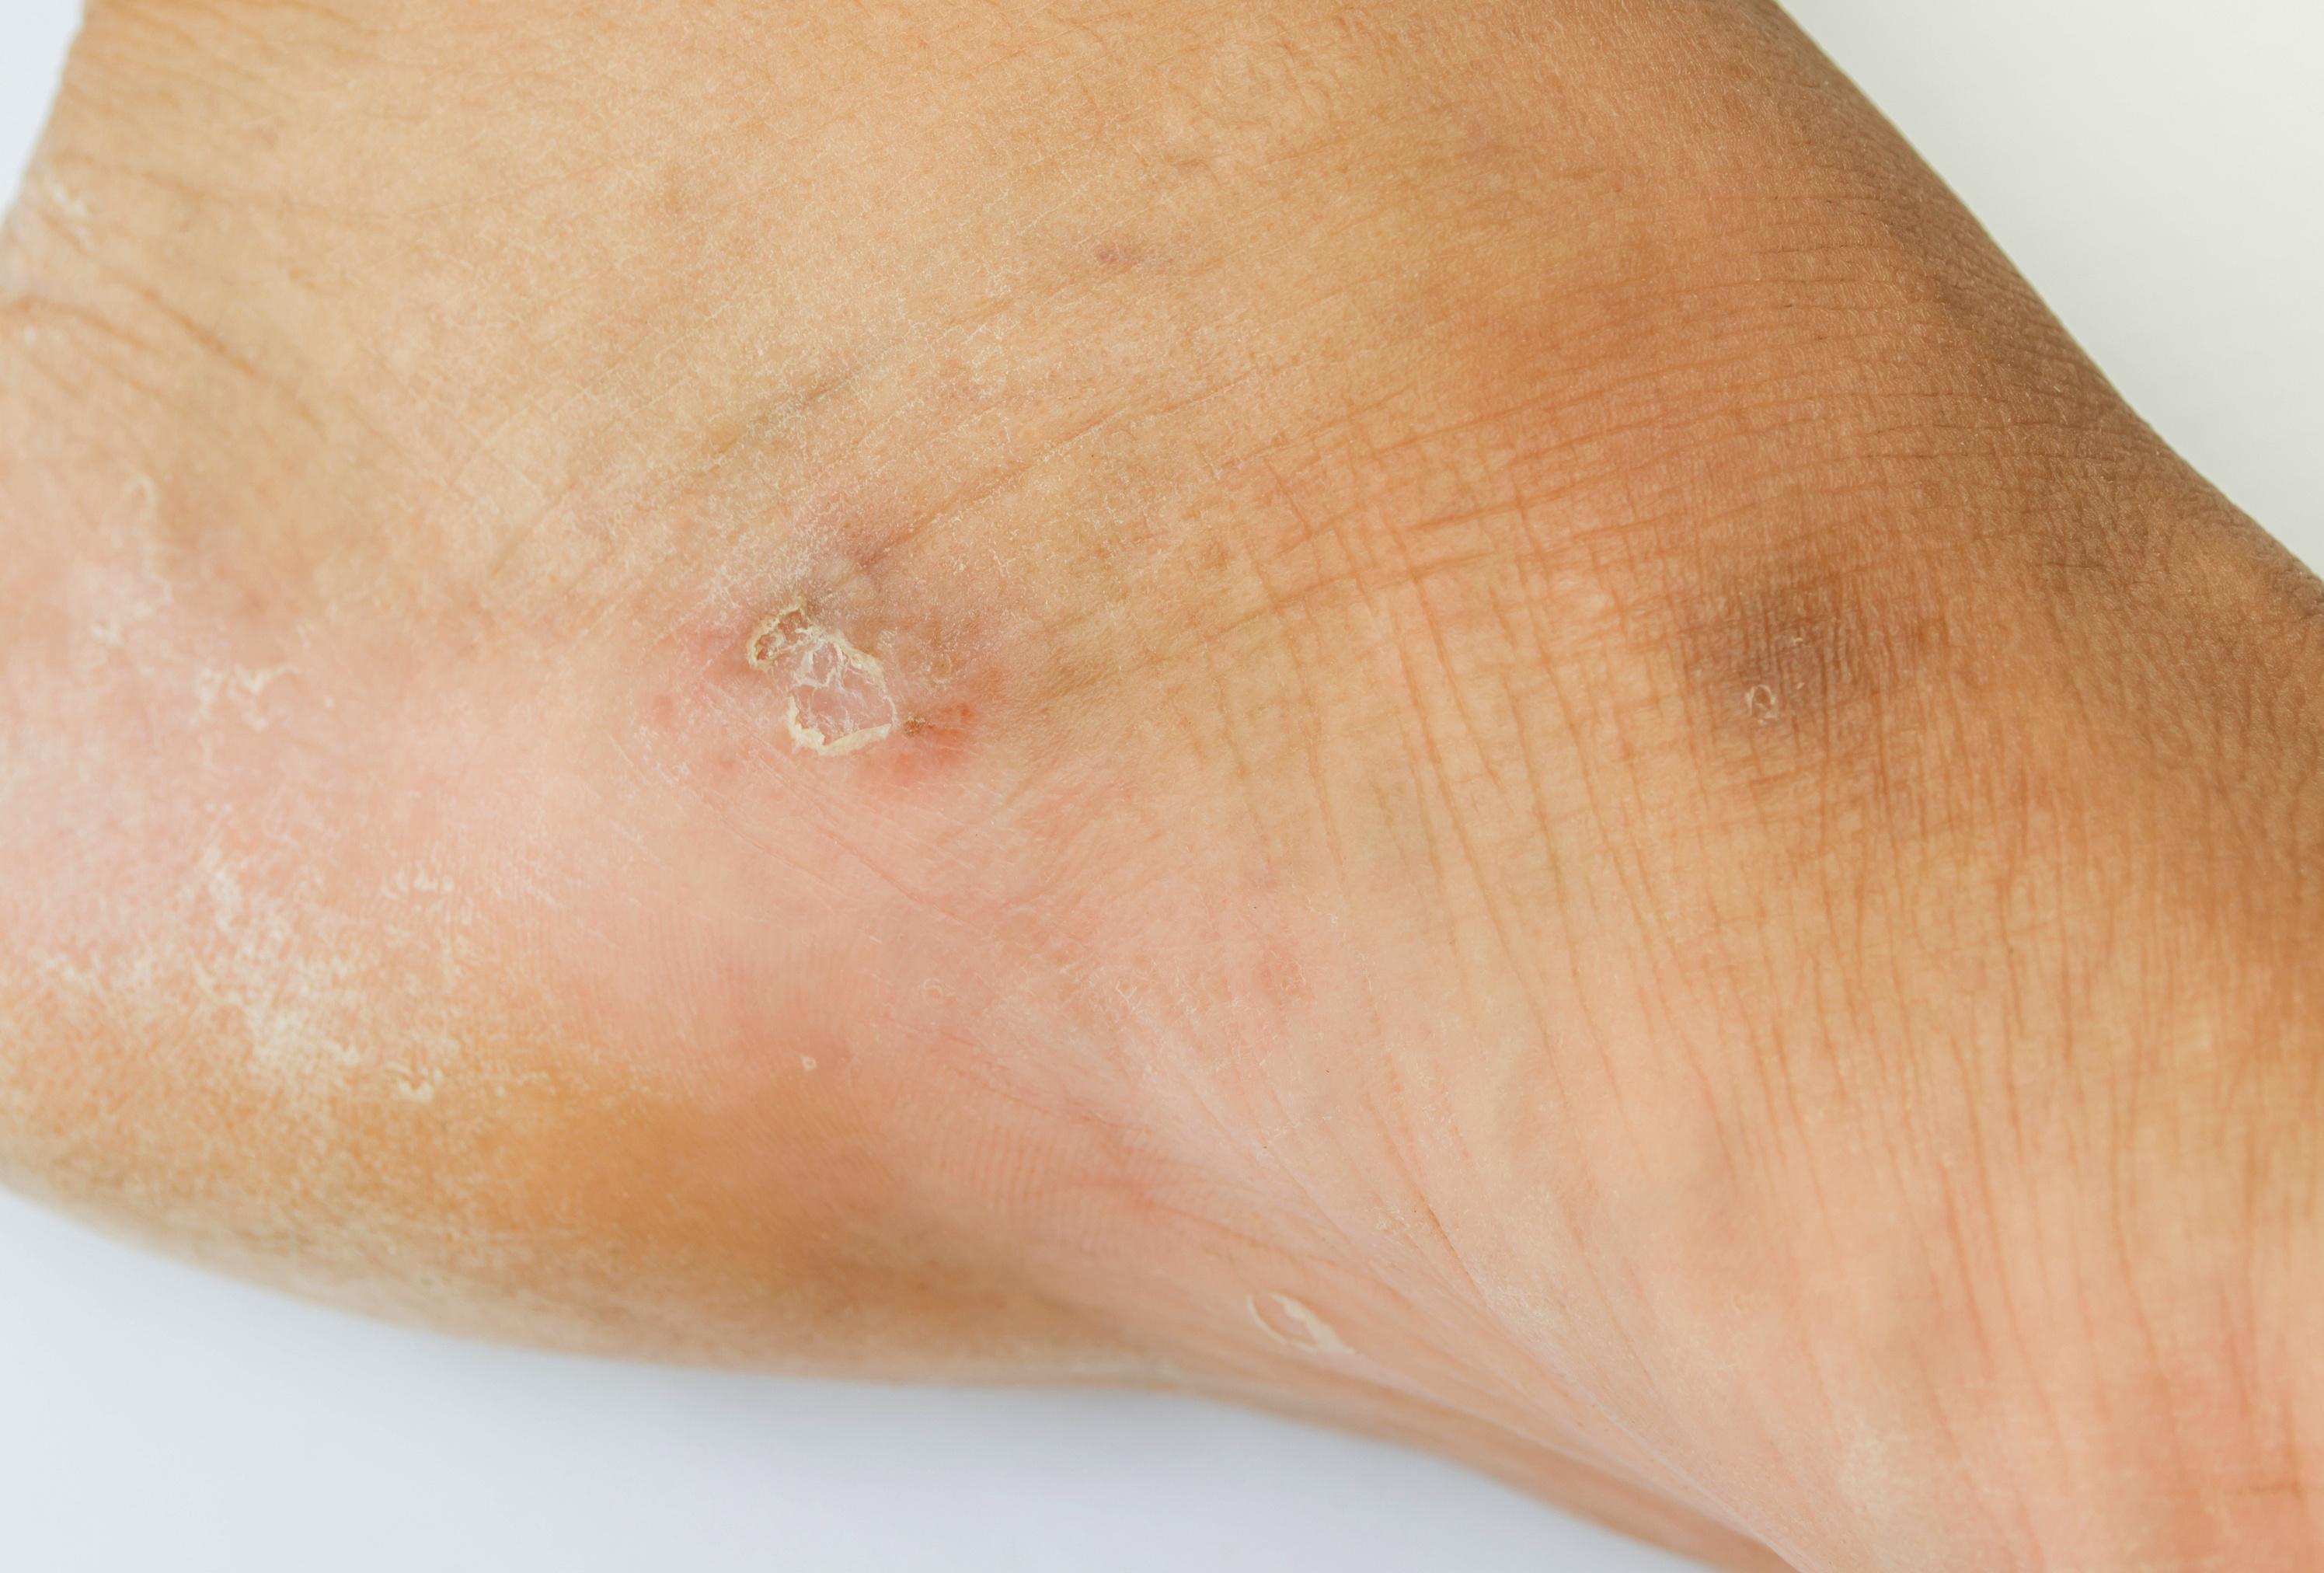 pontosan meghatározza a lábakon a vörös foltokat)